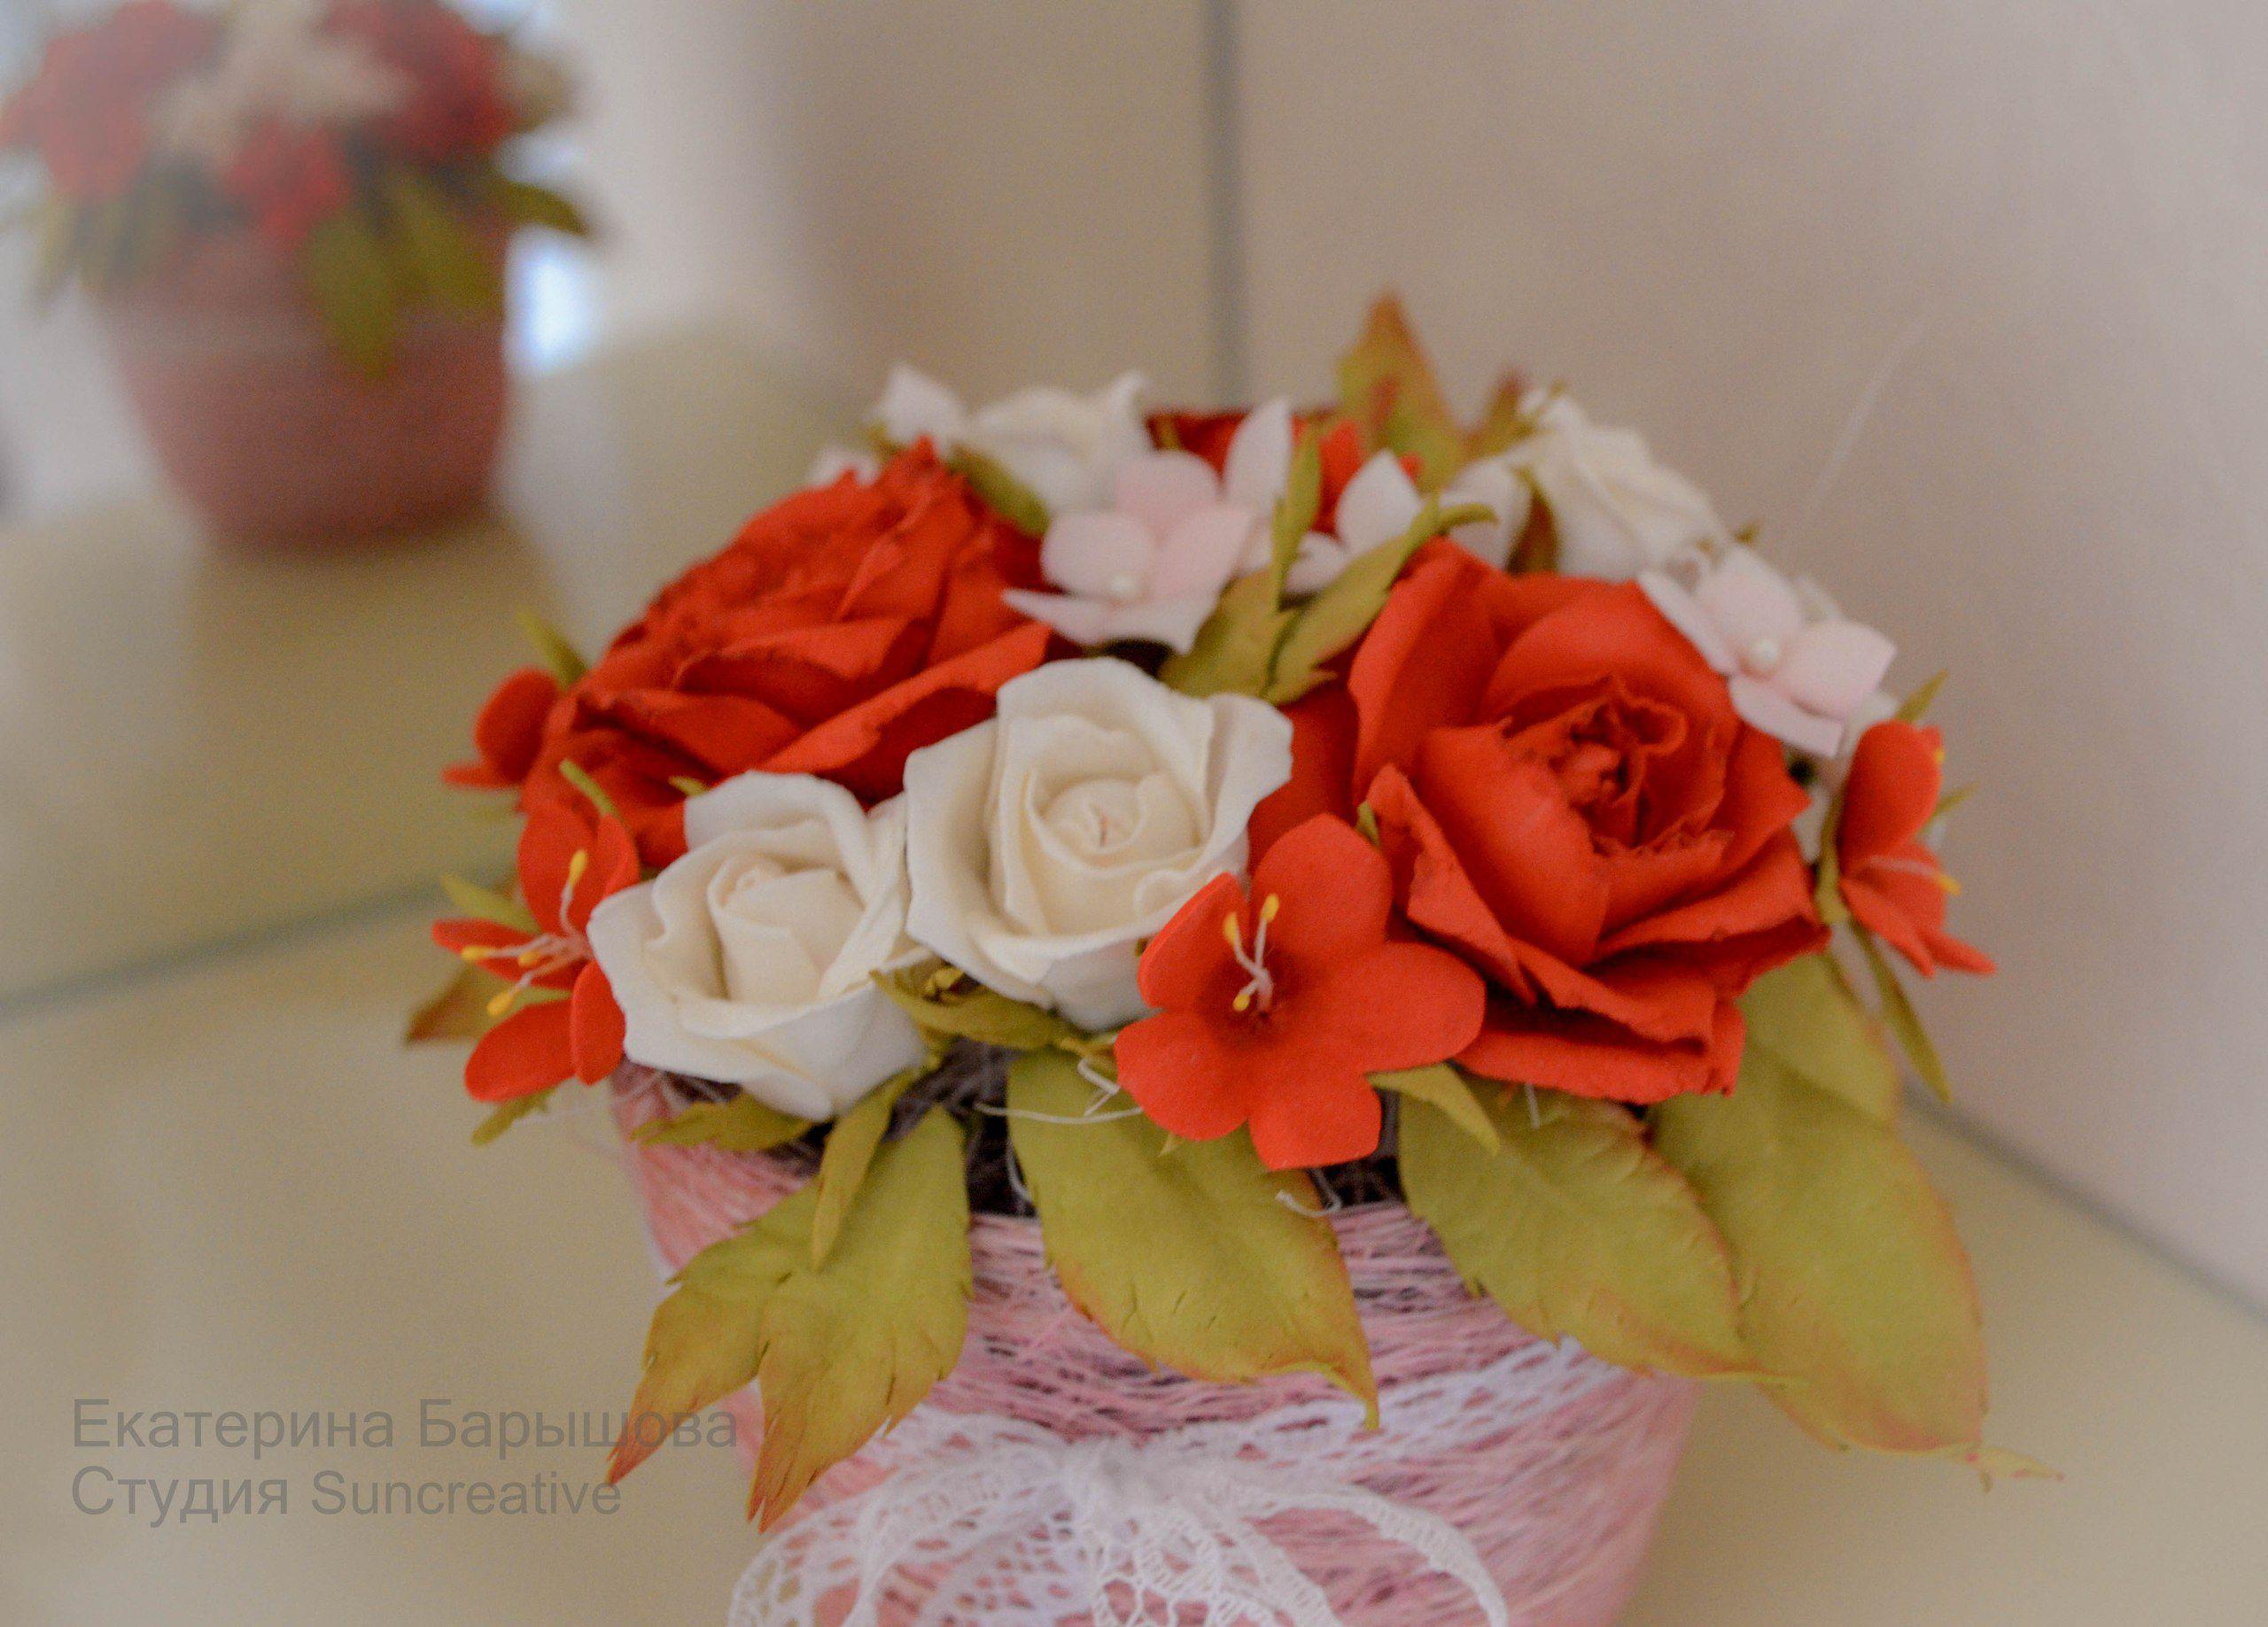 композиция цветочная цветы. букет гортензия праздник фоамиран роза подарок цветы_аксессуар_suncreative